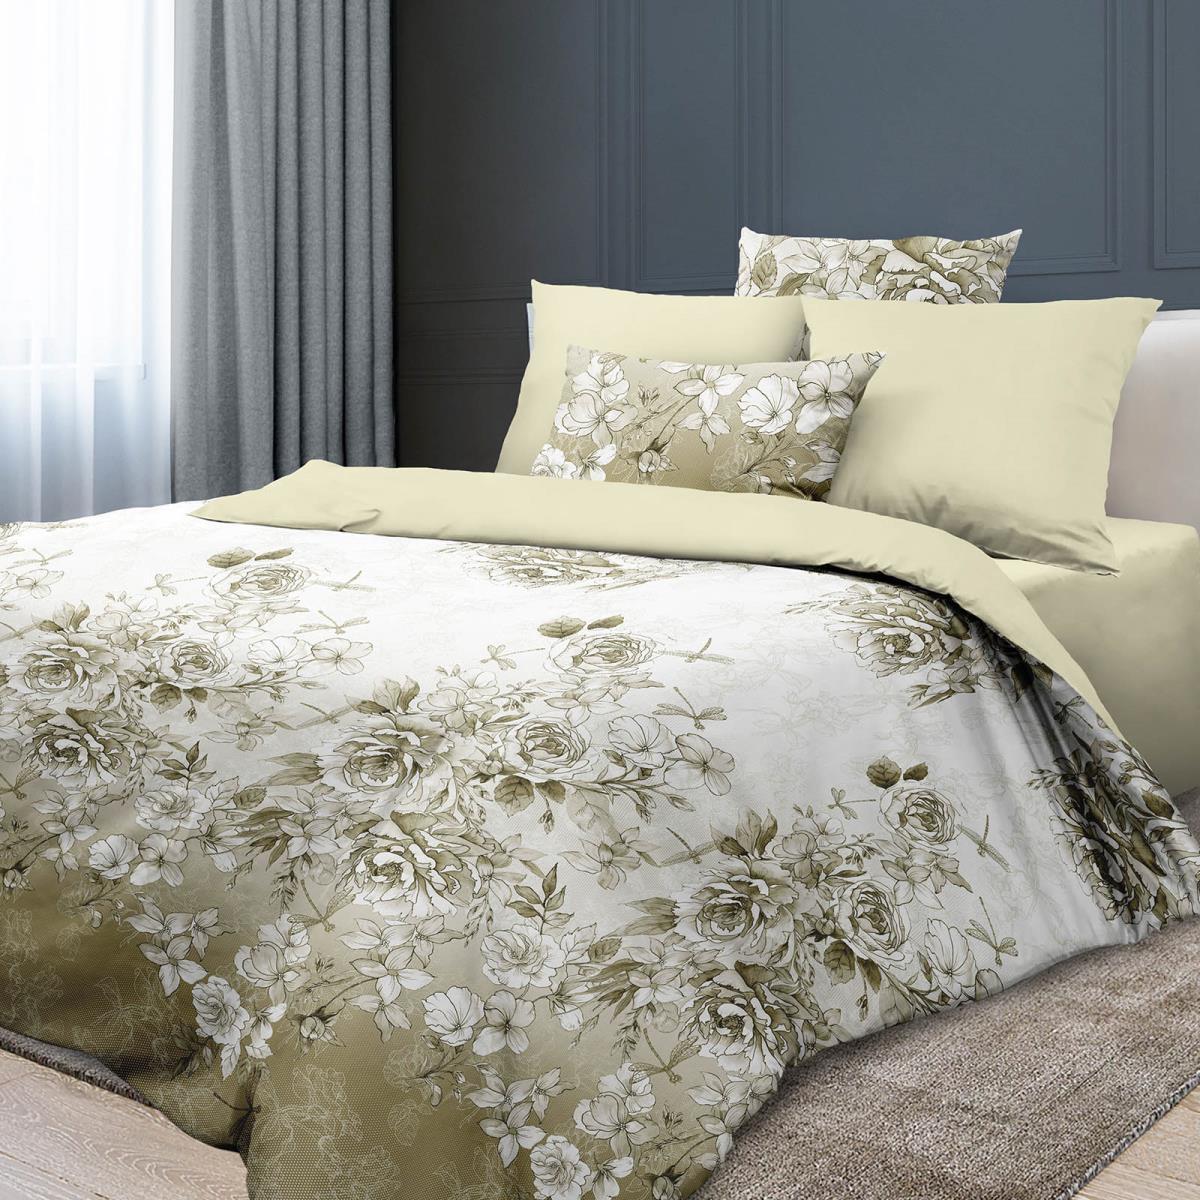 Любимый дом Комплект постельного белья Витторио, 2 спальный евро